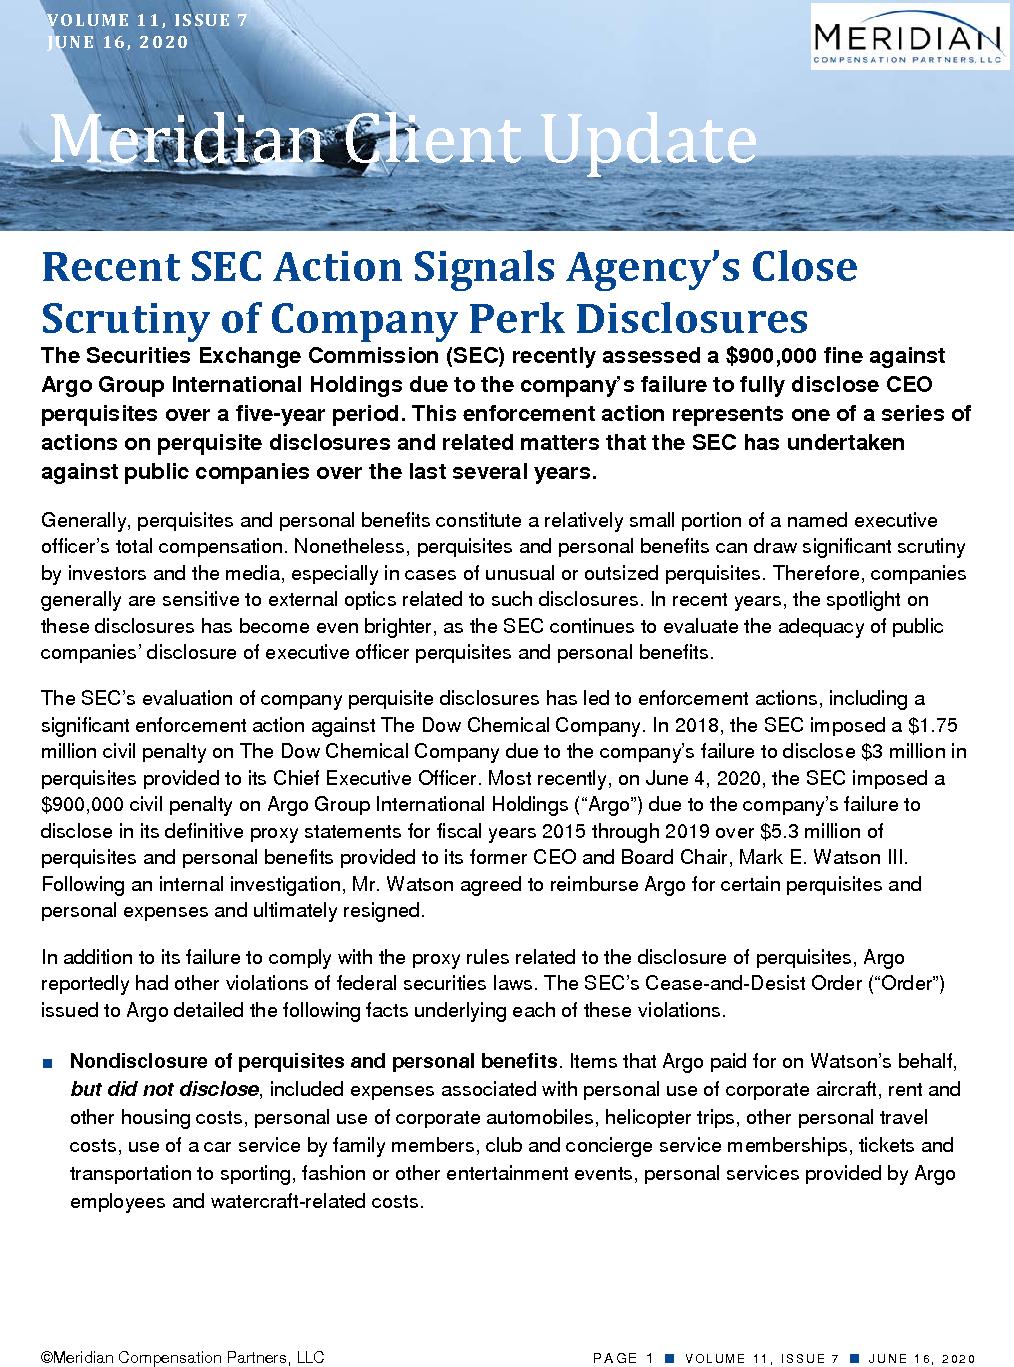 Recent SEC Action Signals Agency's Close Scrutiny of Company Perk Disclosures (PDF)